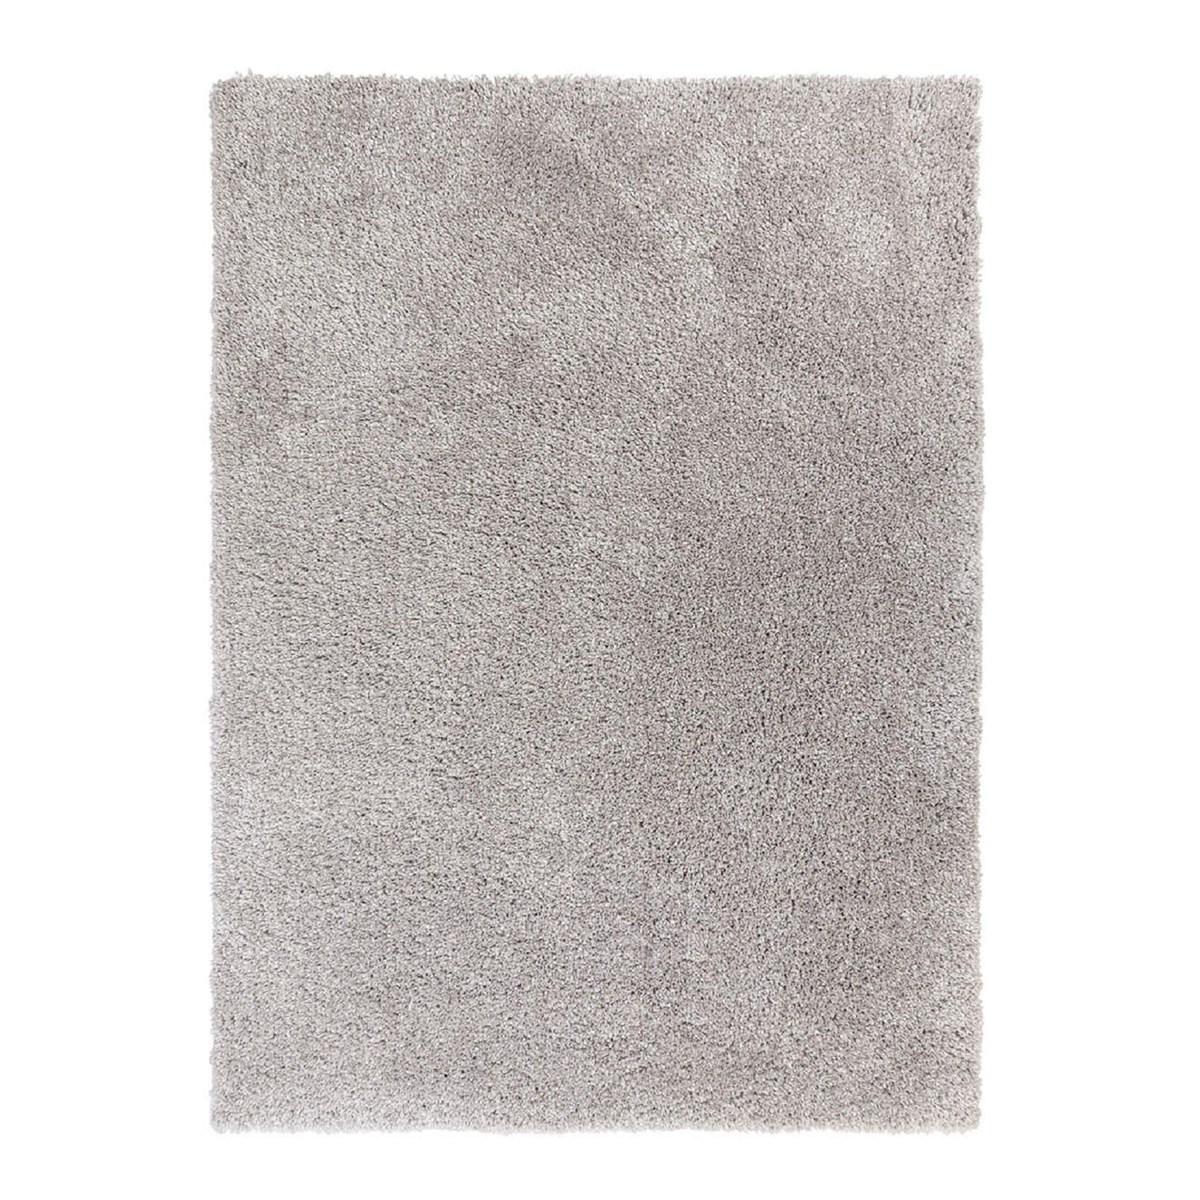 Tapis shaggy en Polyester Argent 80x160 cm